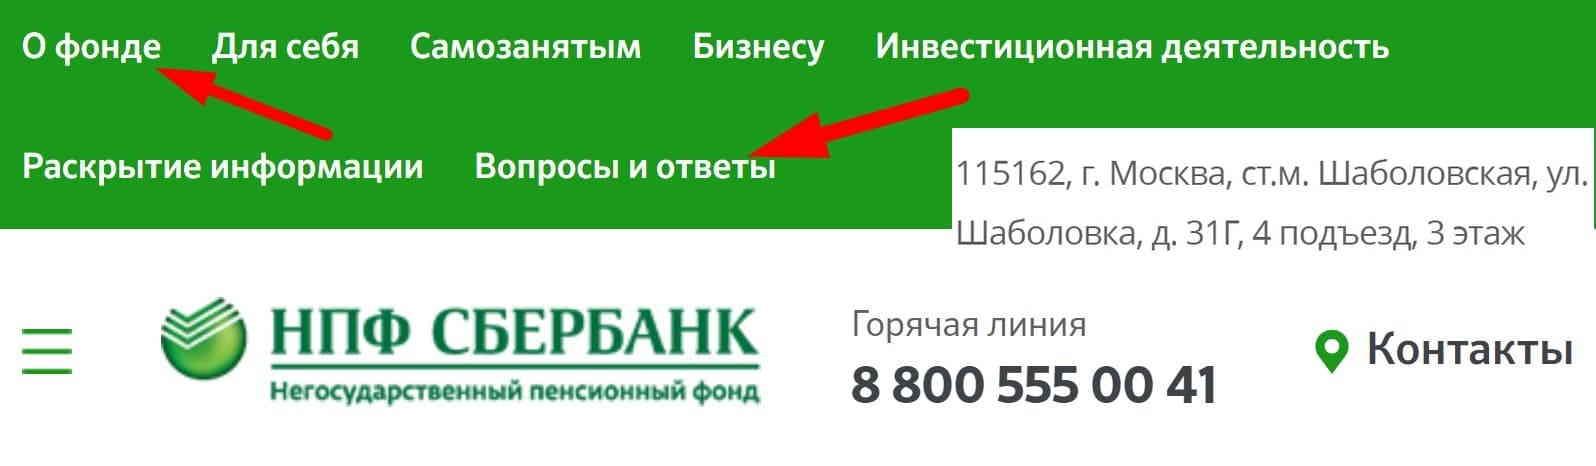 НПФ Сбербанк сайт